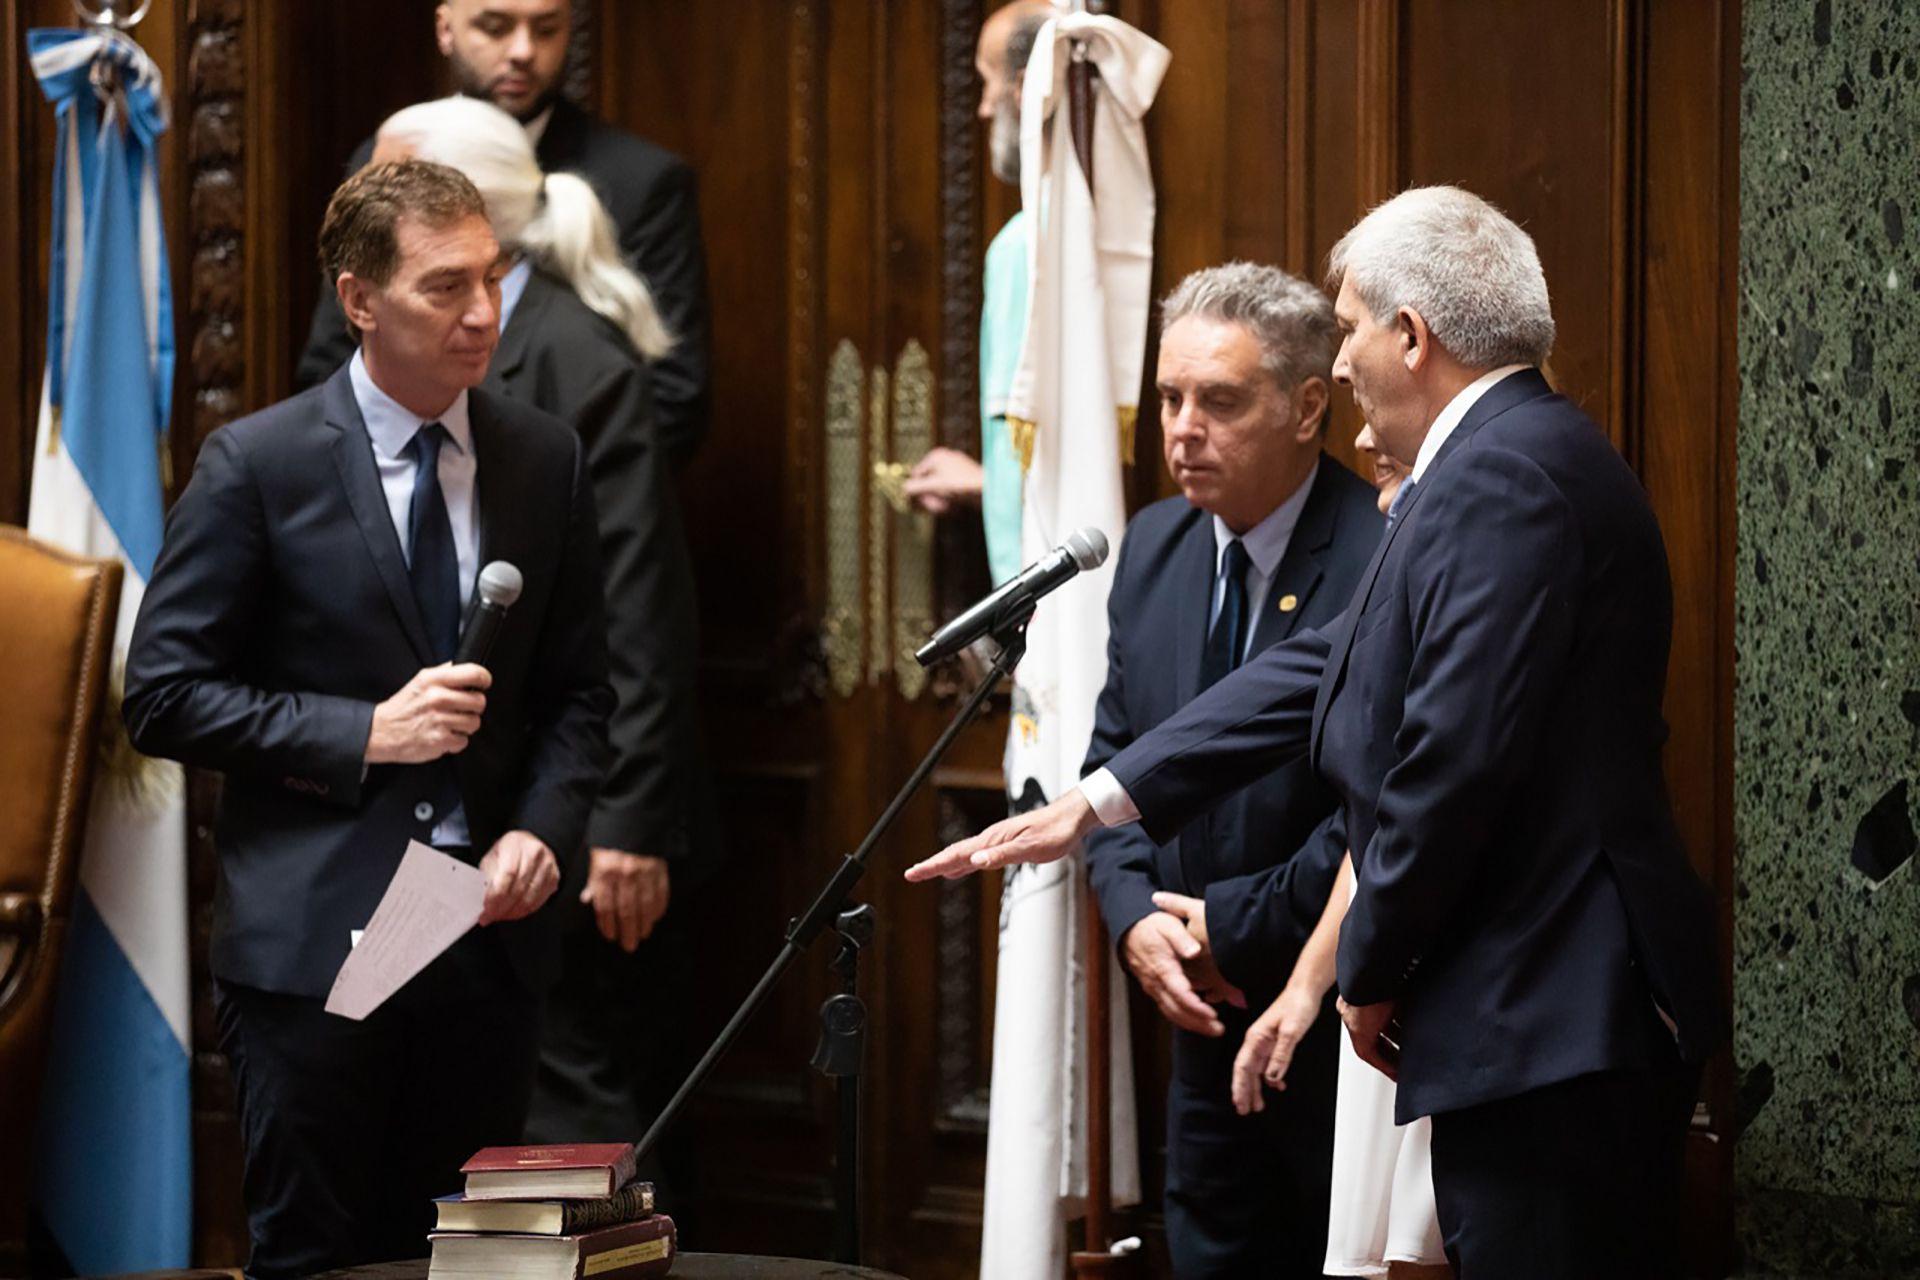 El vicejefe de Gobierno, Diego Santilli, le toma juramento a Claudio Ferreño